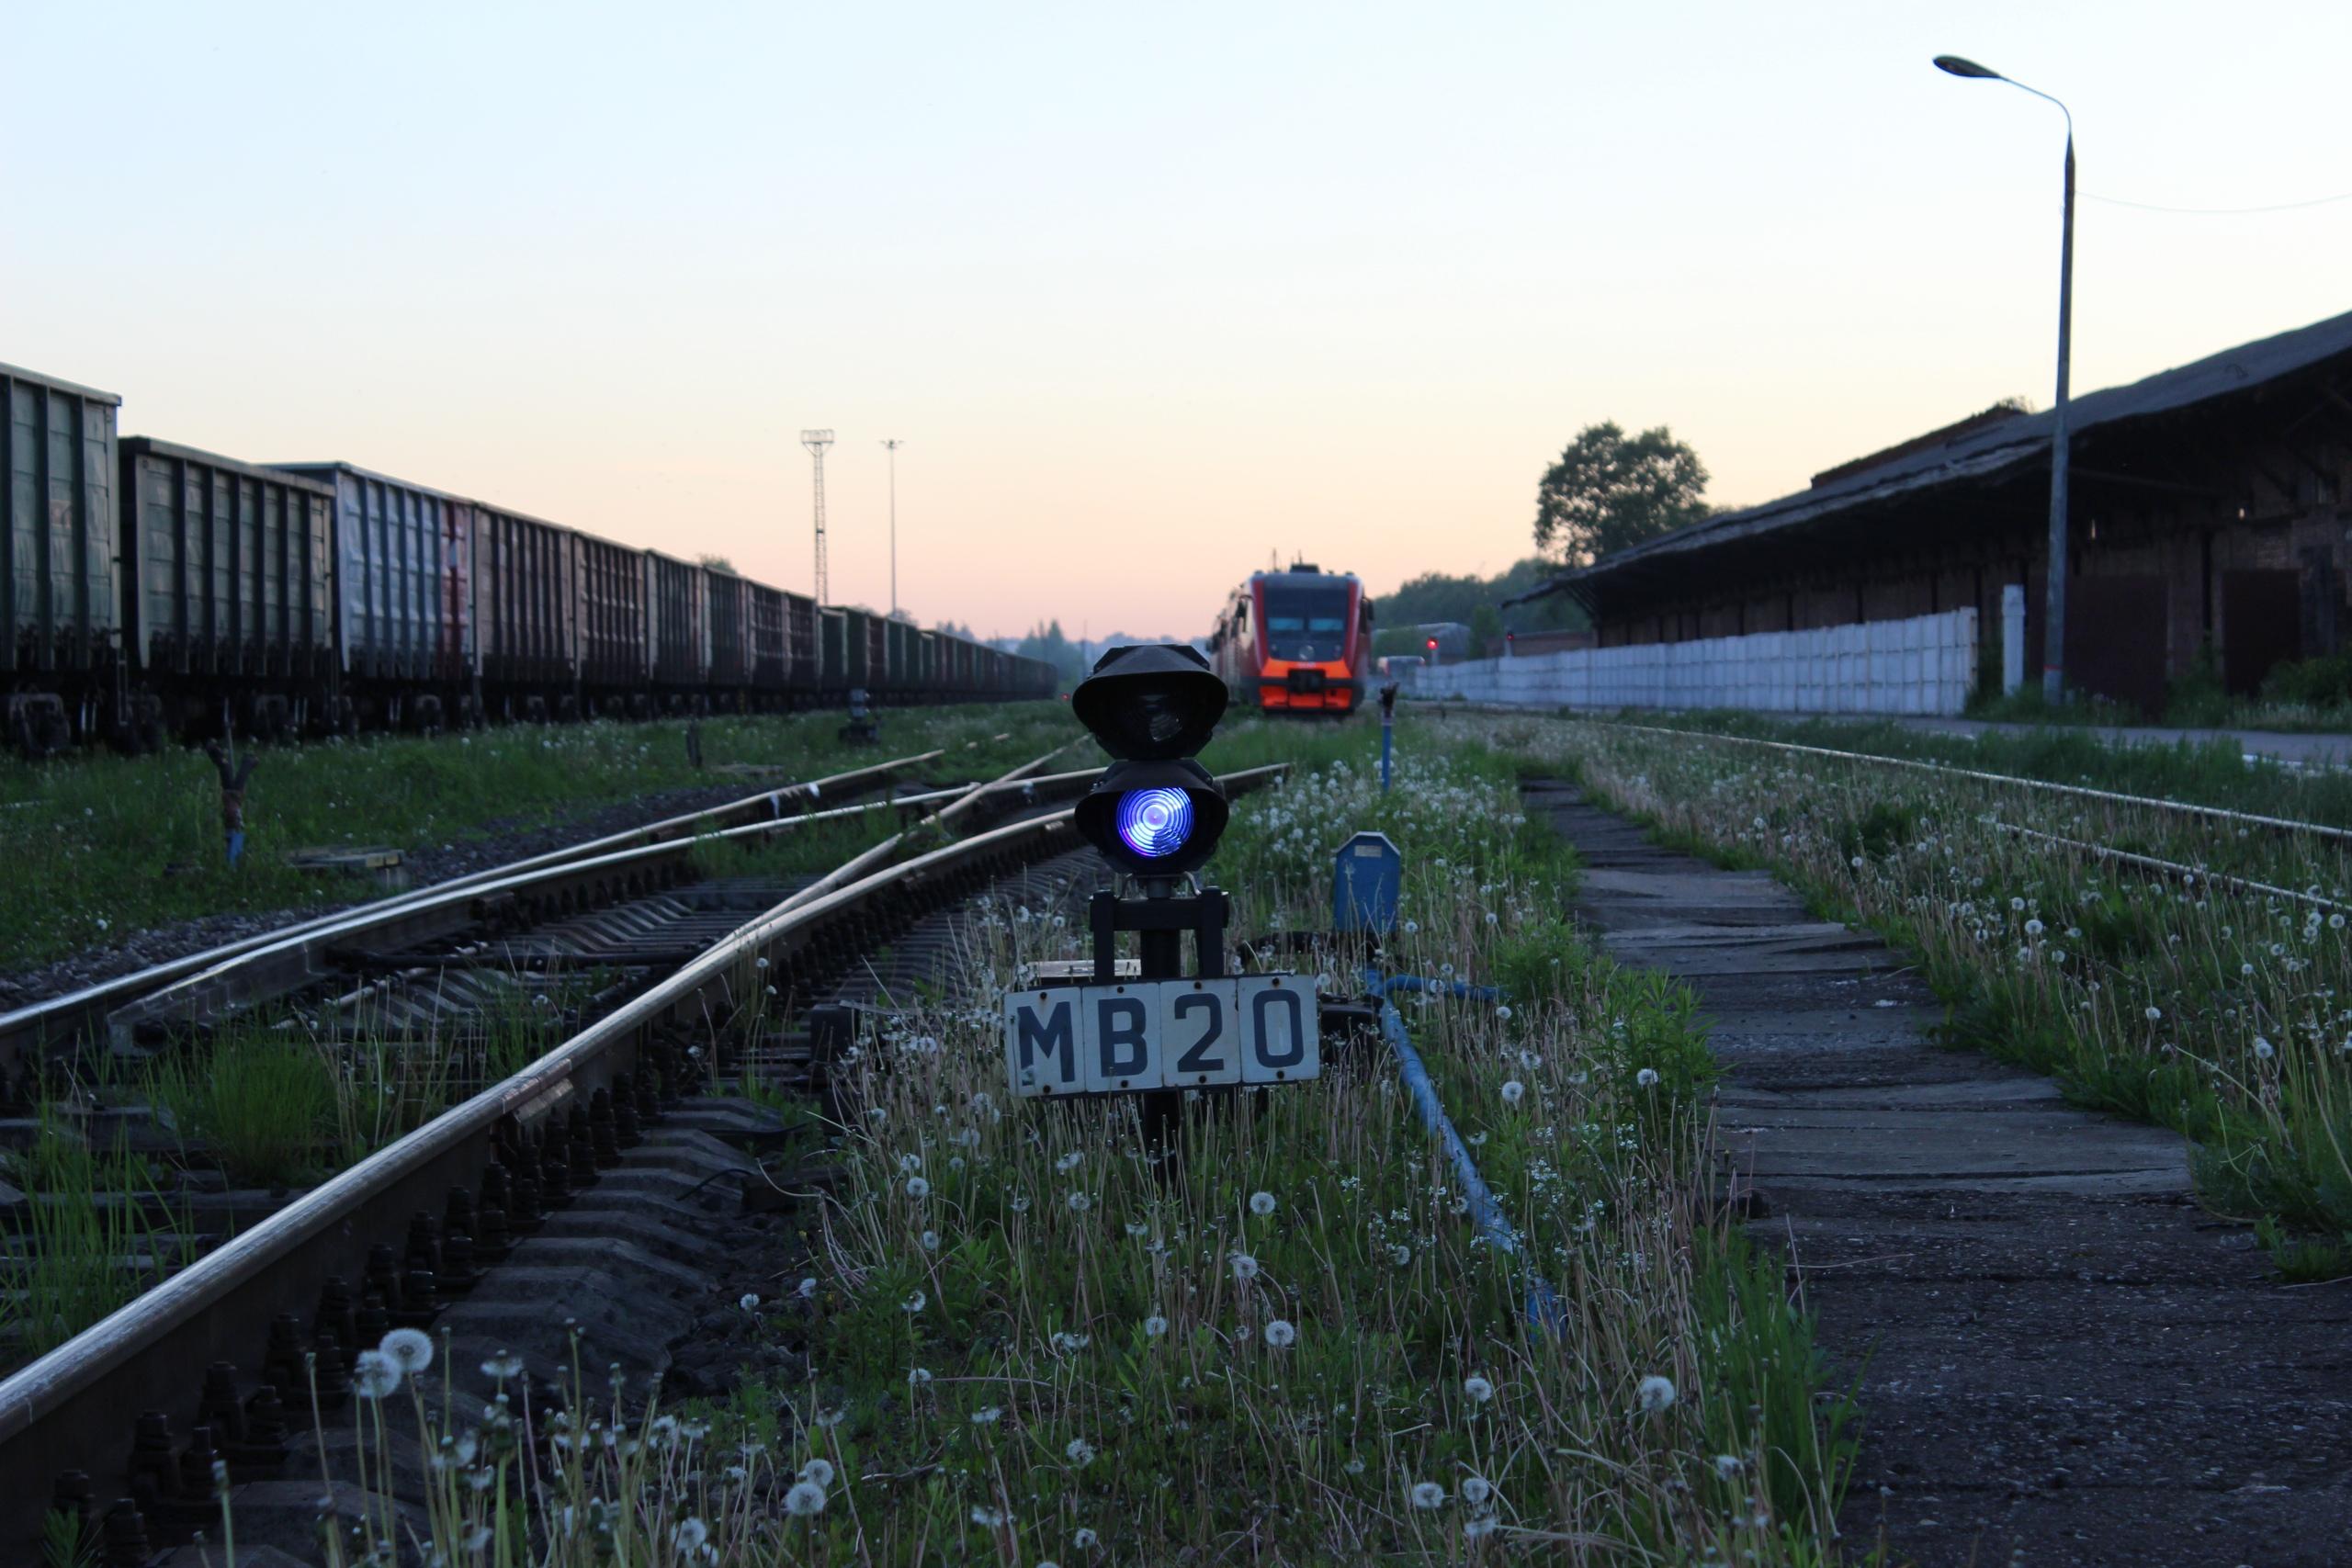 В Тверской области «Сапсан» сбил вышедшего на пути лося - новости Афанасий